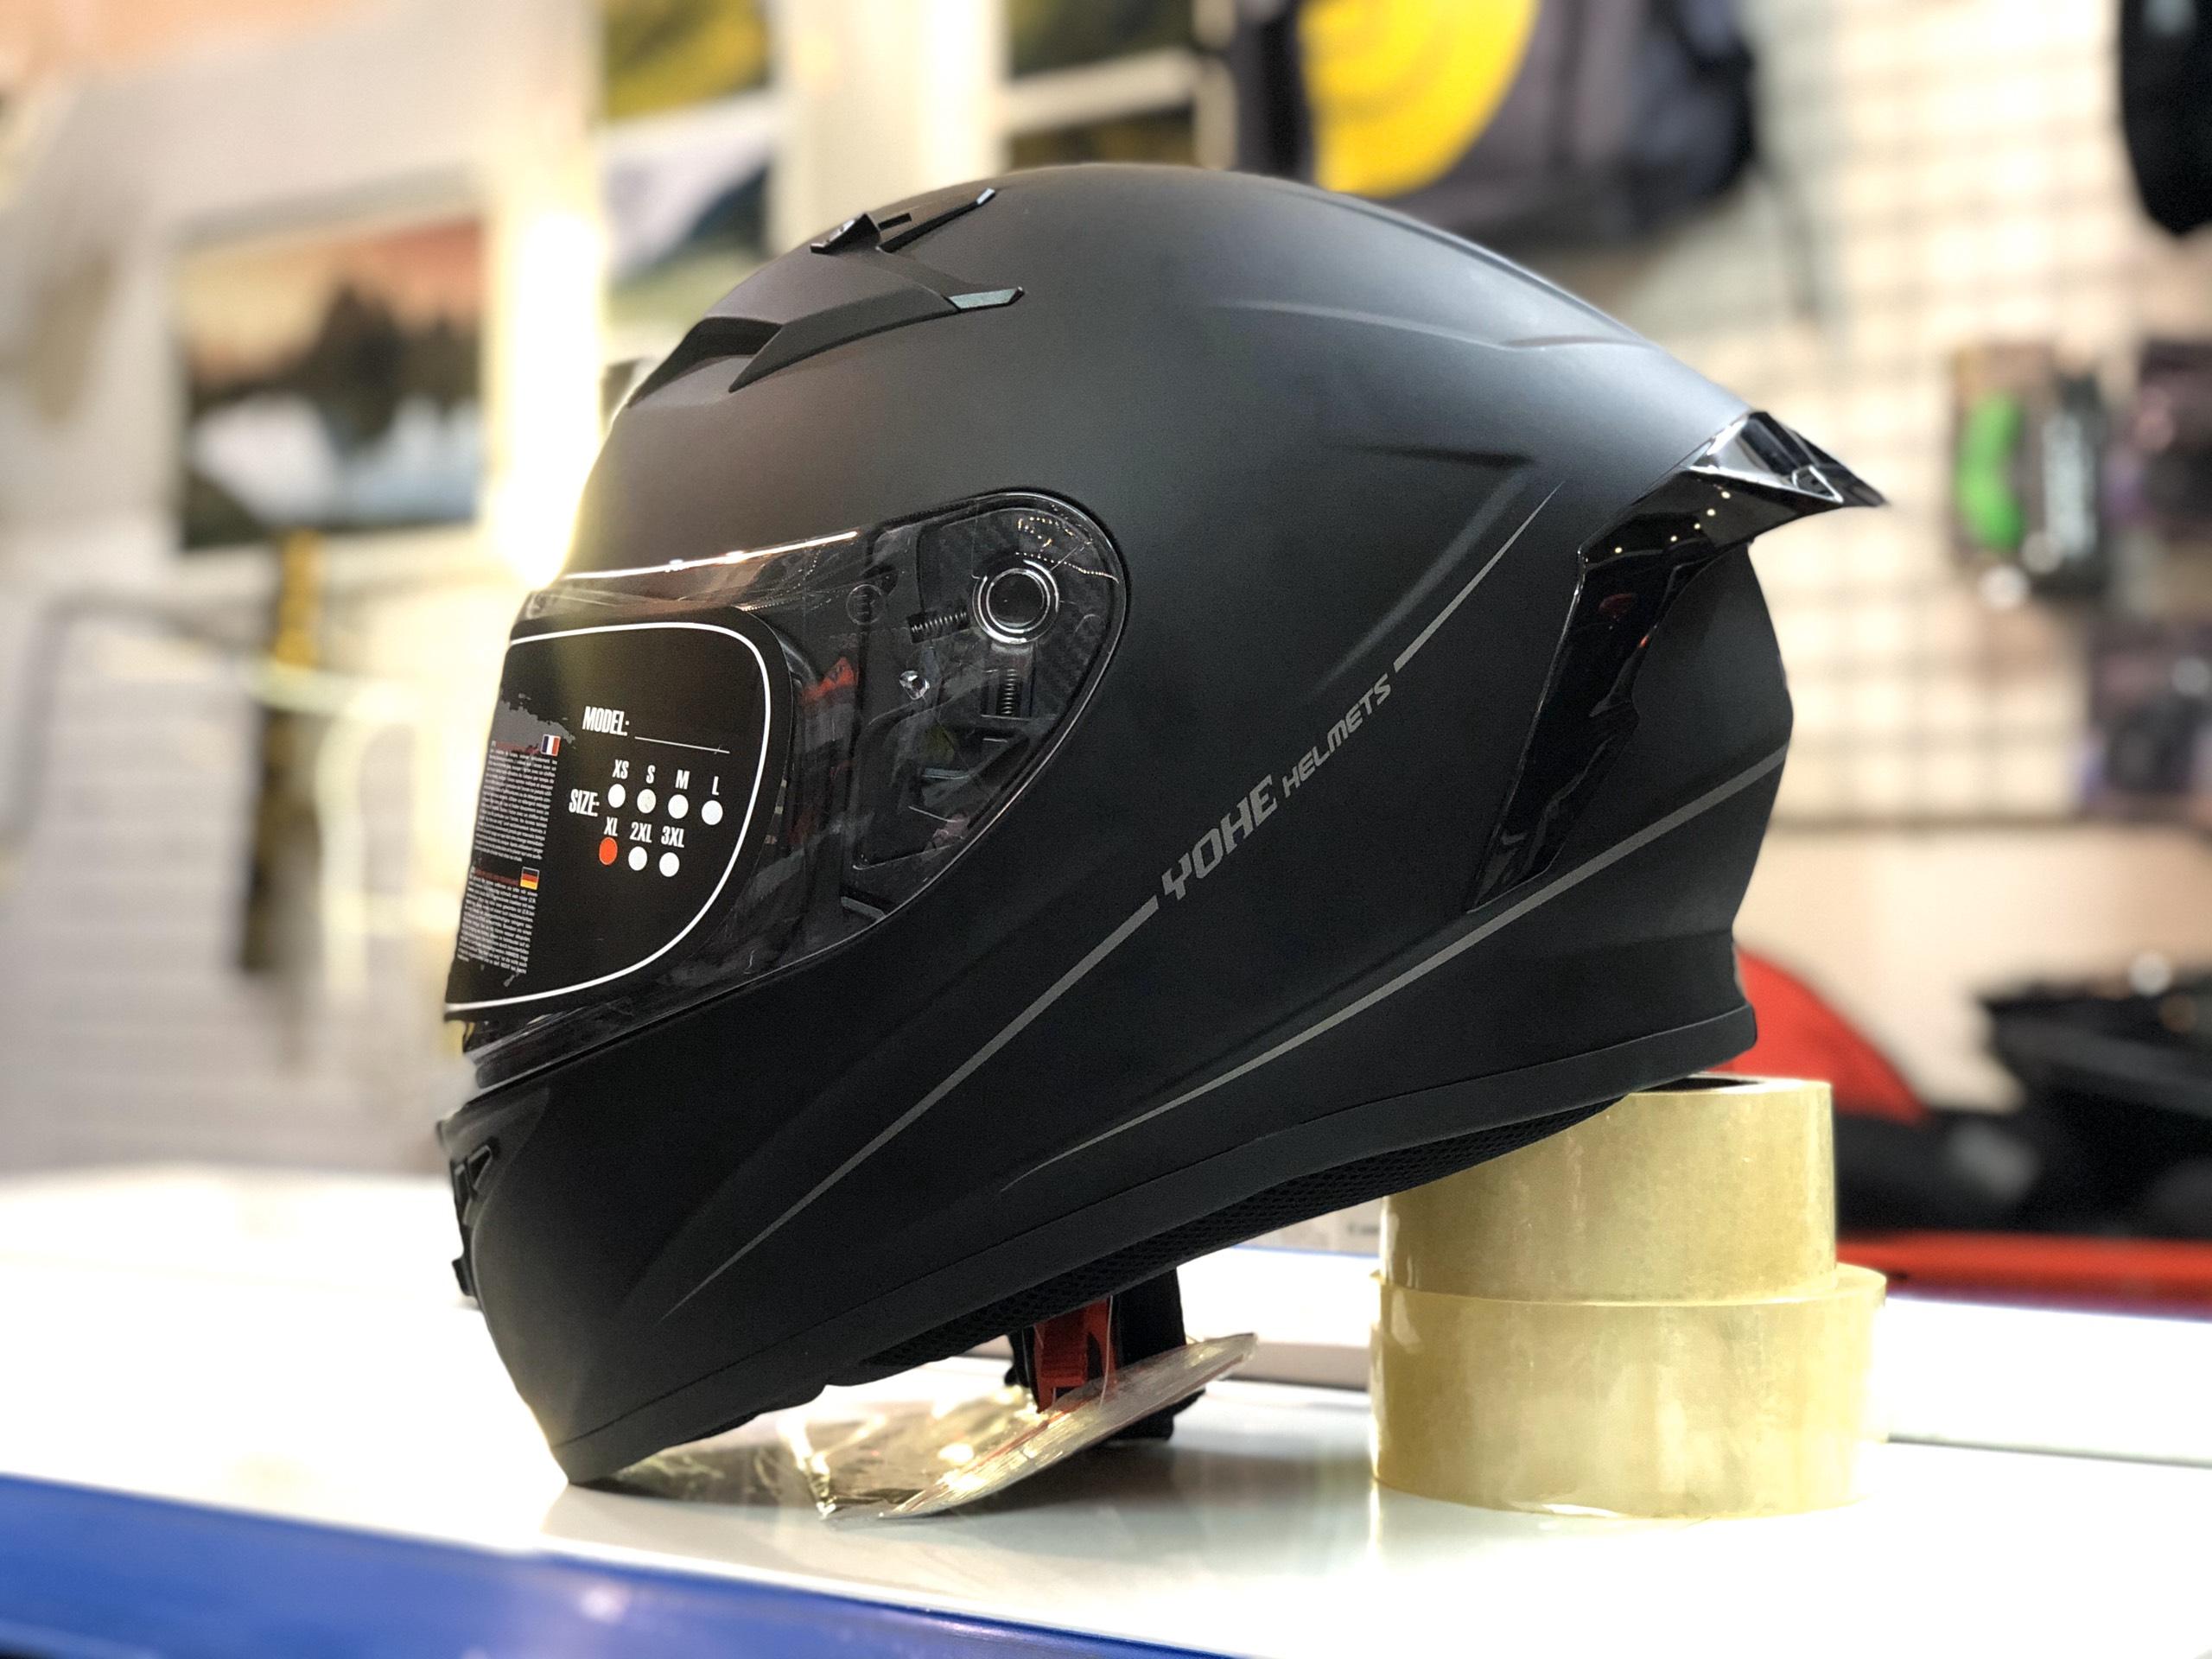 mũ bảo hiểm yohe 978 plus đen